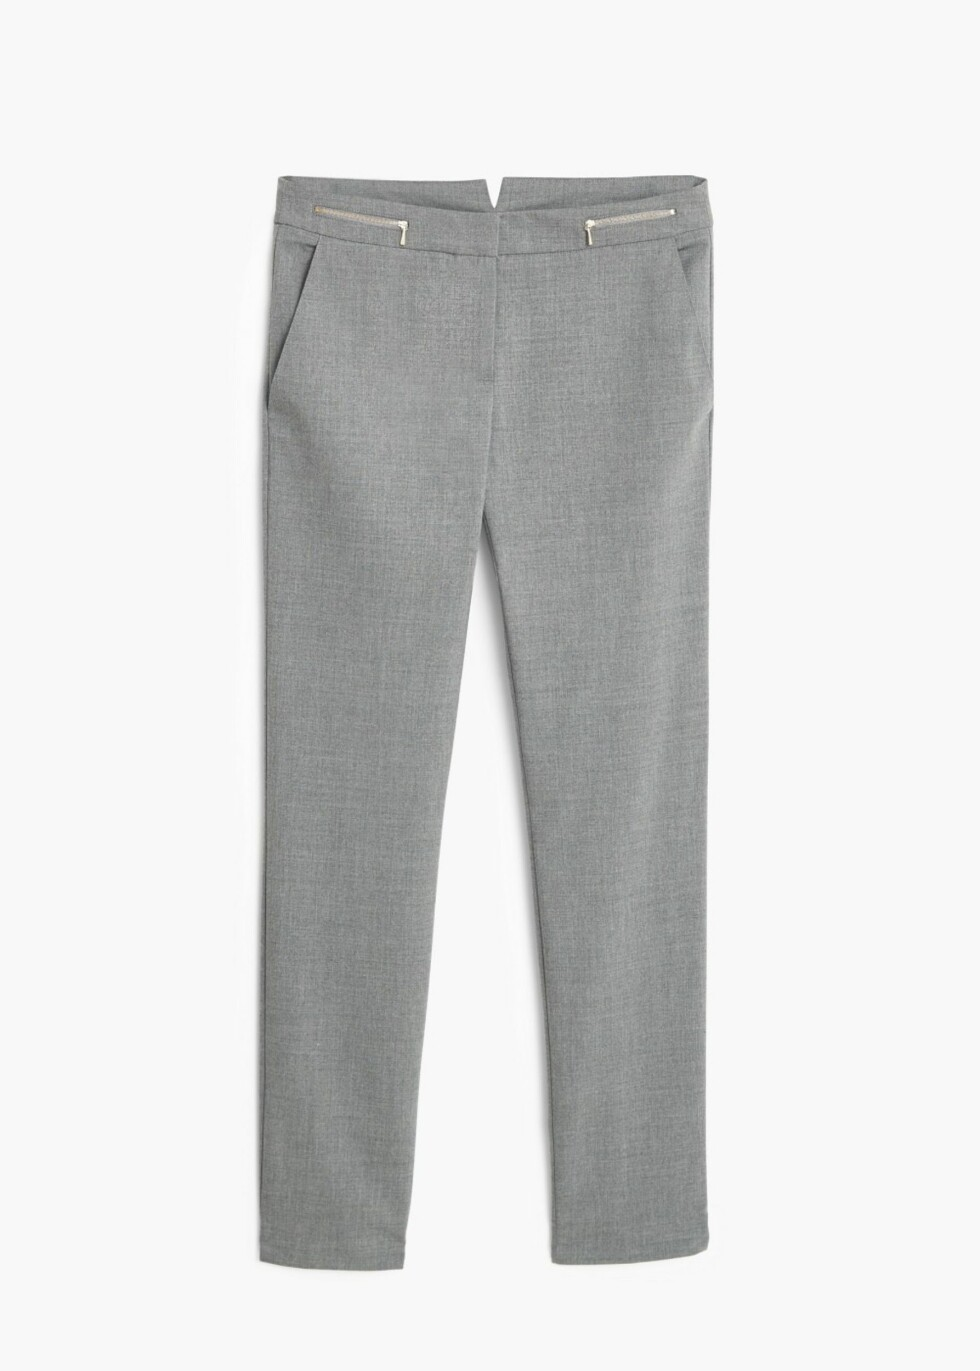 Bukse fra Mango, kr 499. Foto: Produsenten